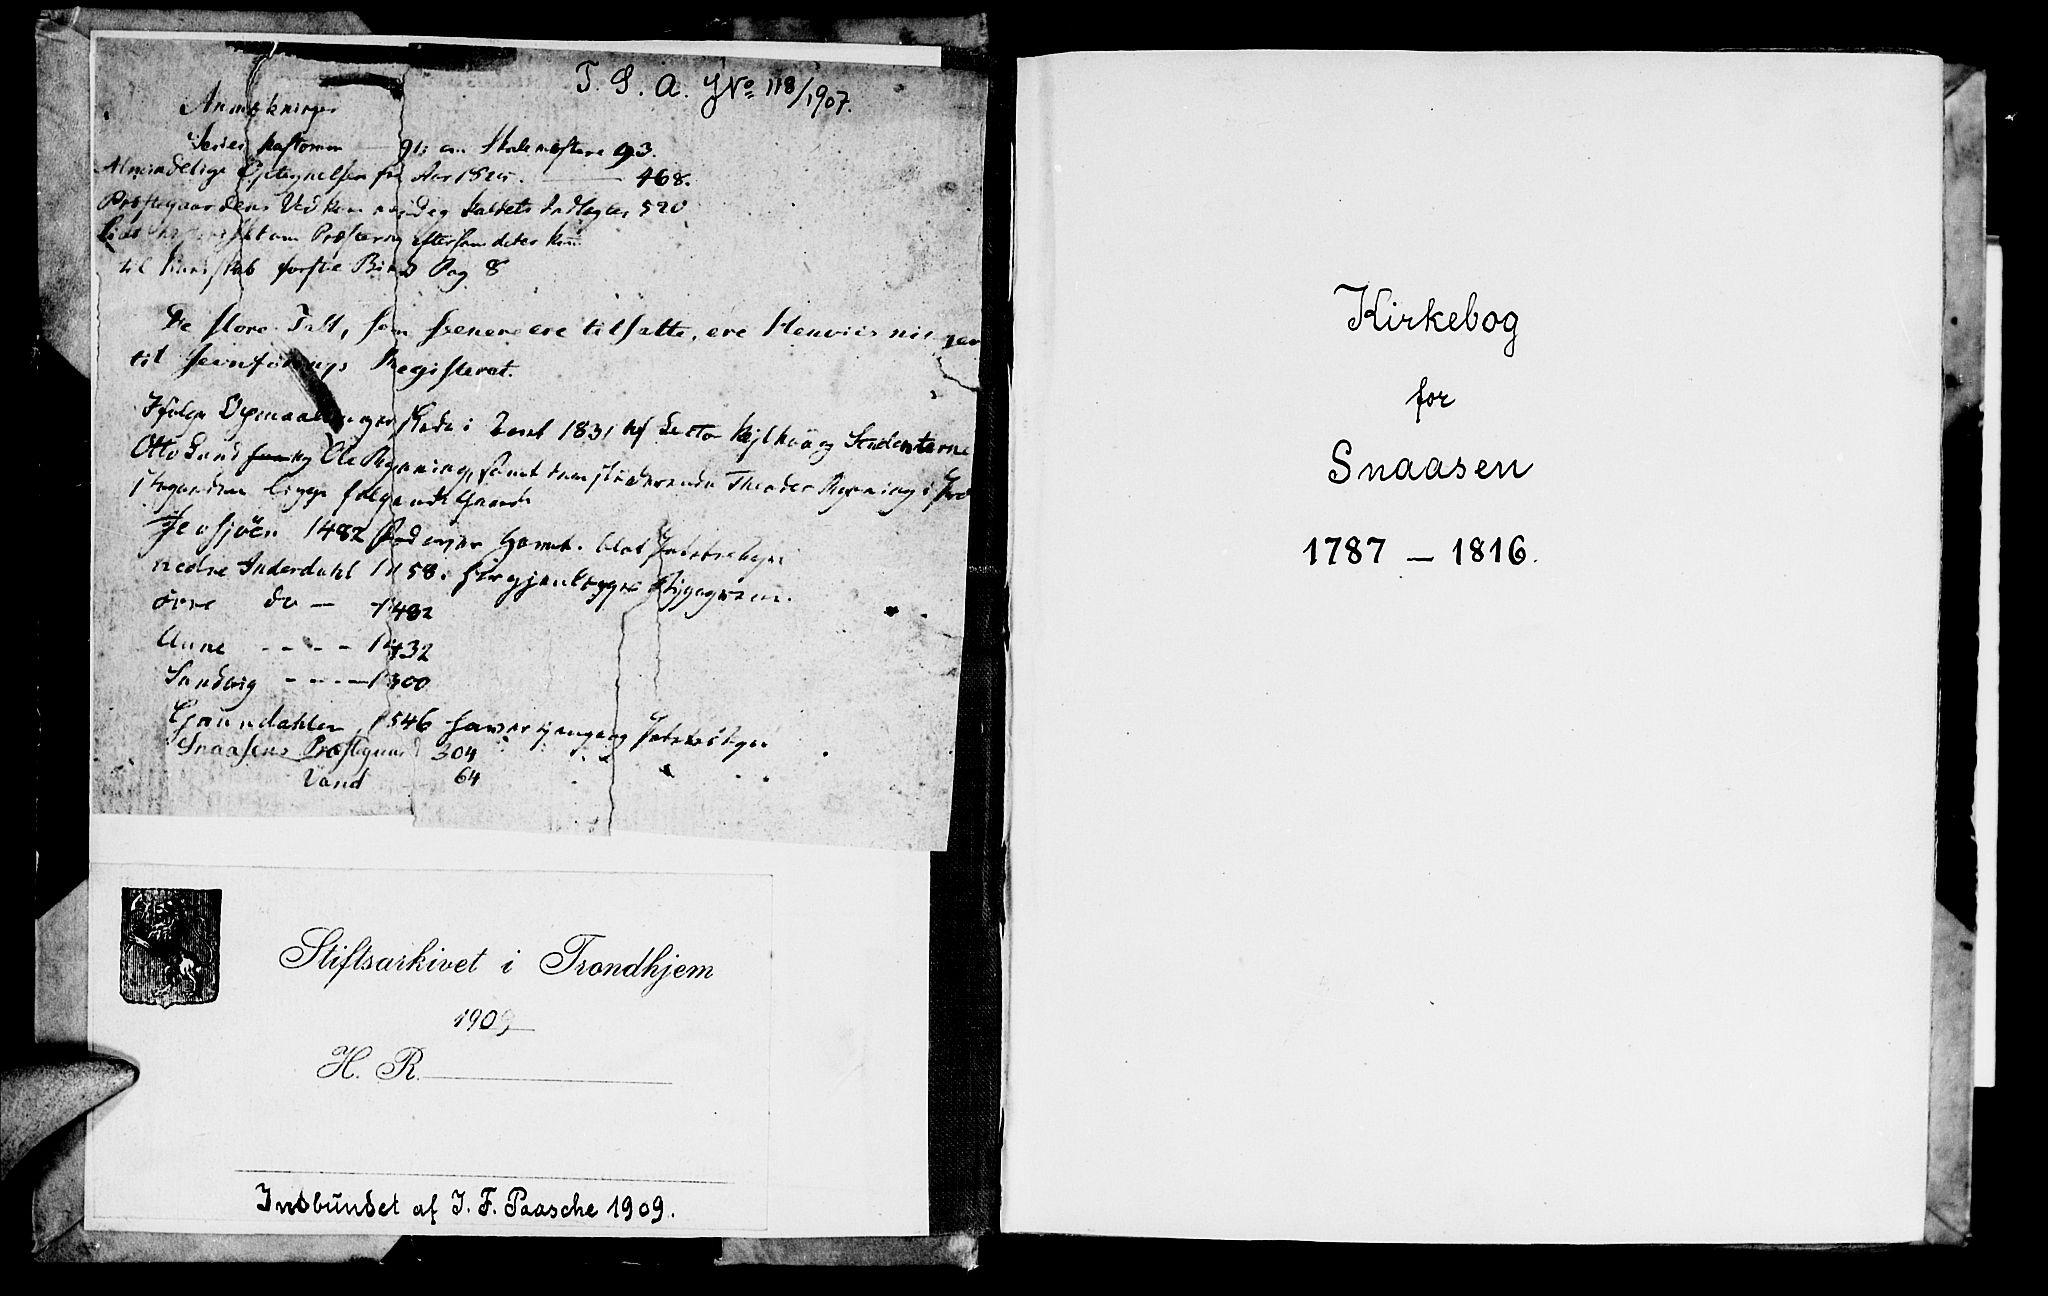 SAT, Ministerialprotokoller, klokkerbøker og fødselsregistre - Nord-Trøndelag, 749/L0468: Ministerialbok nr. 749A02, 1787-1817